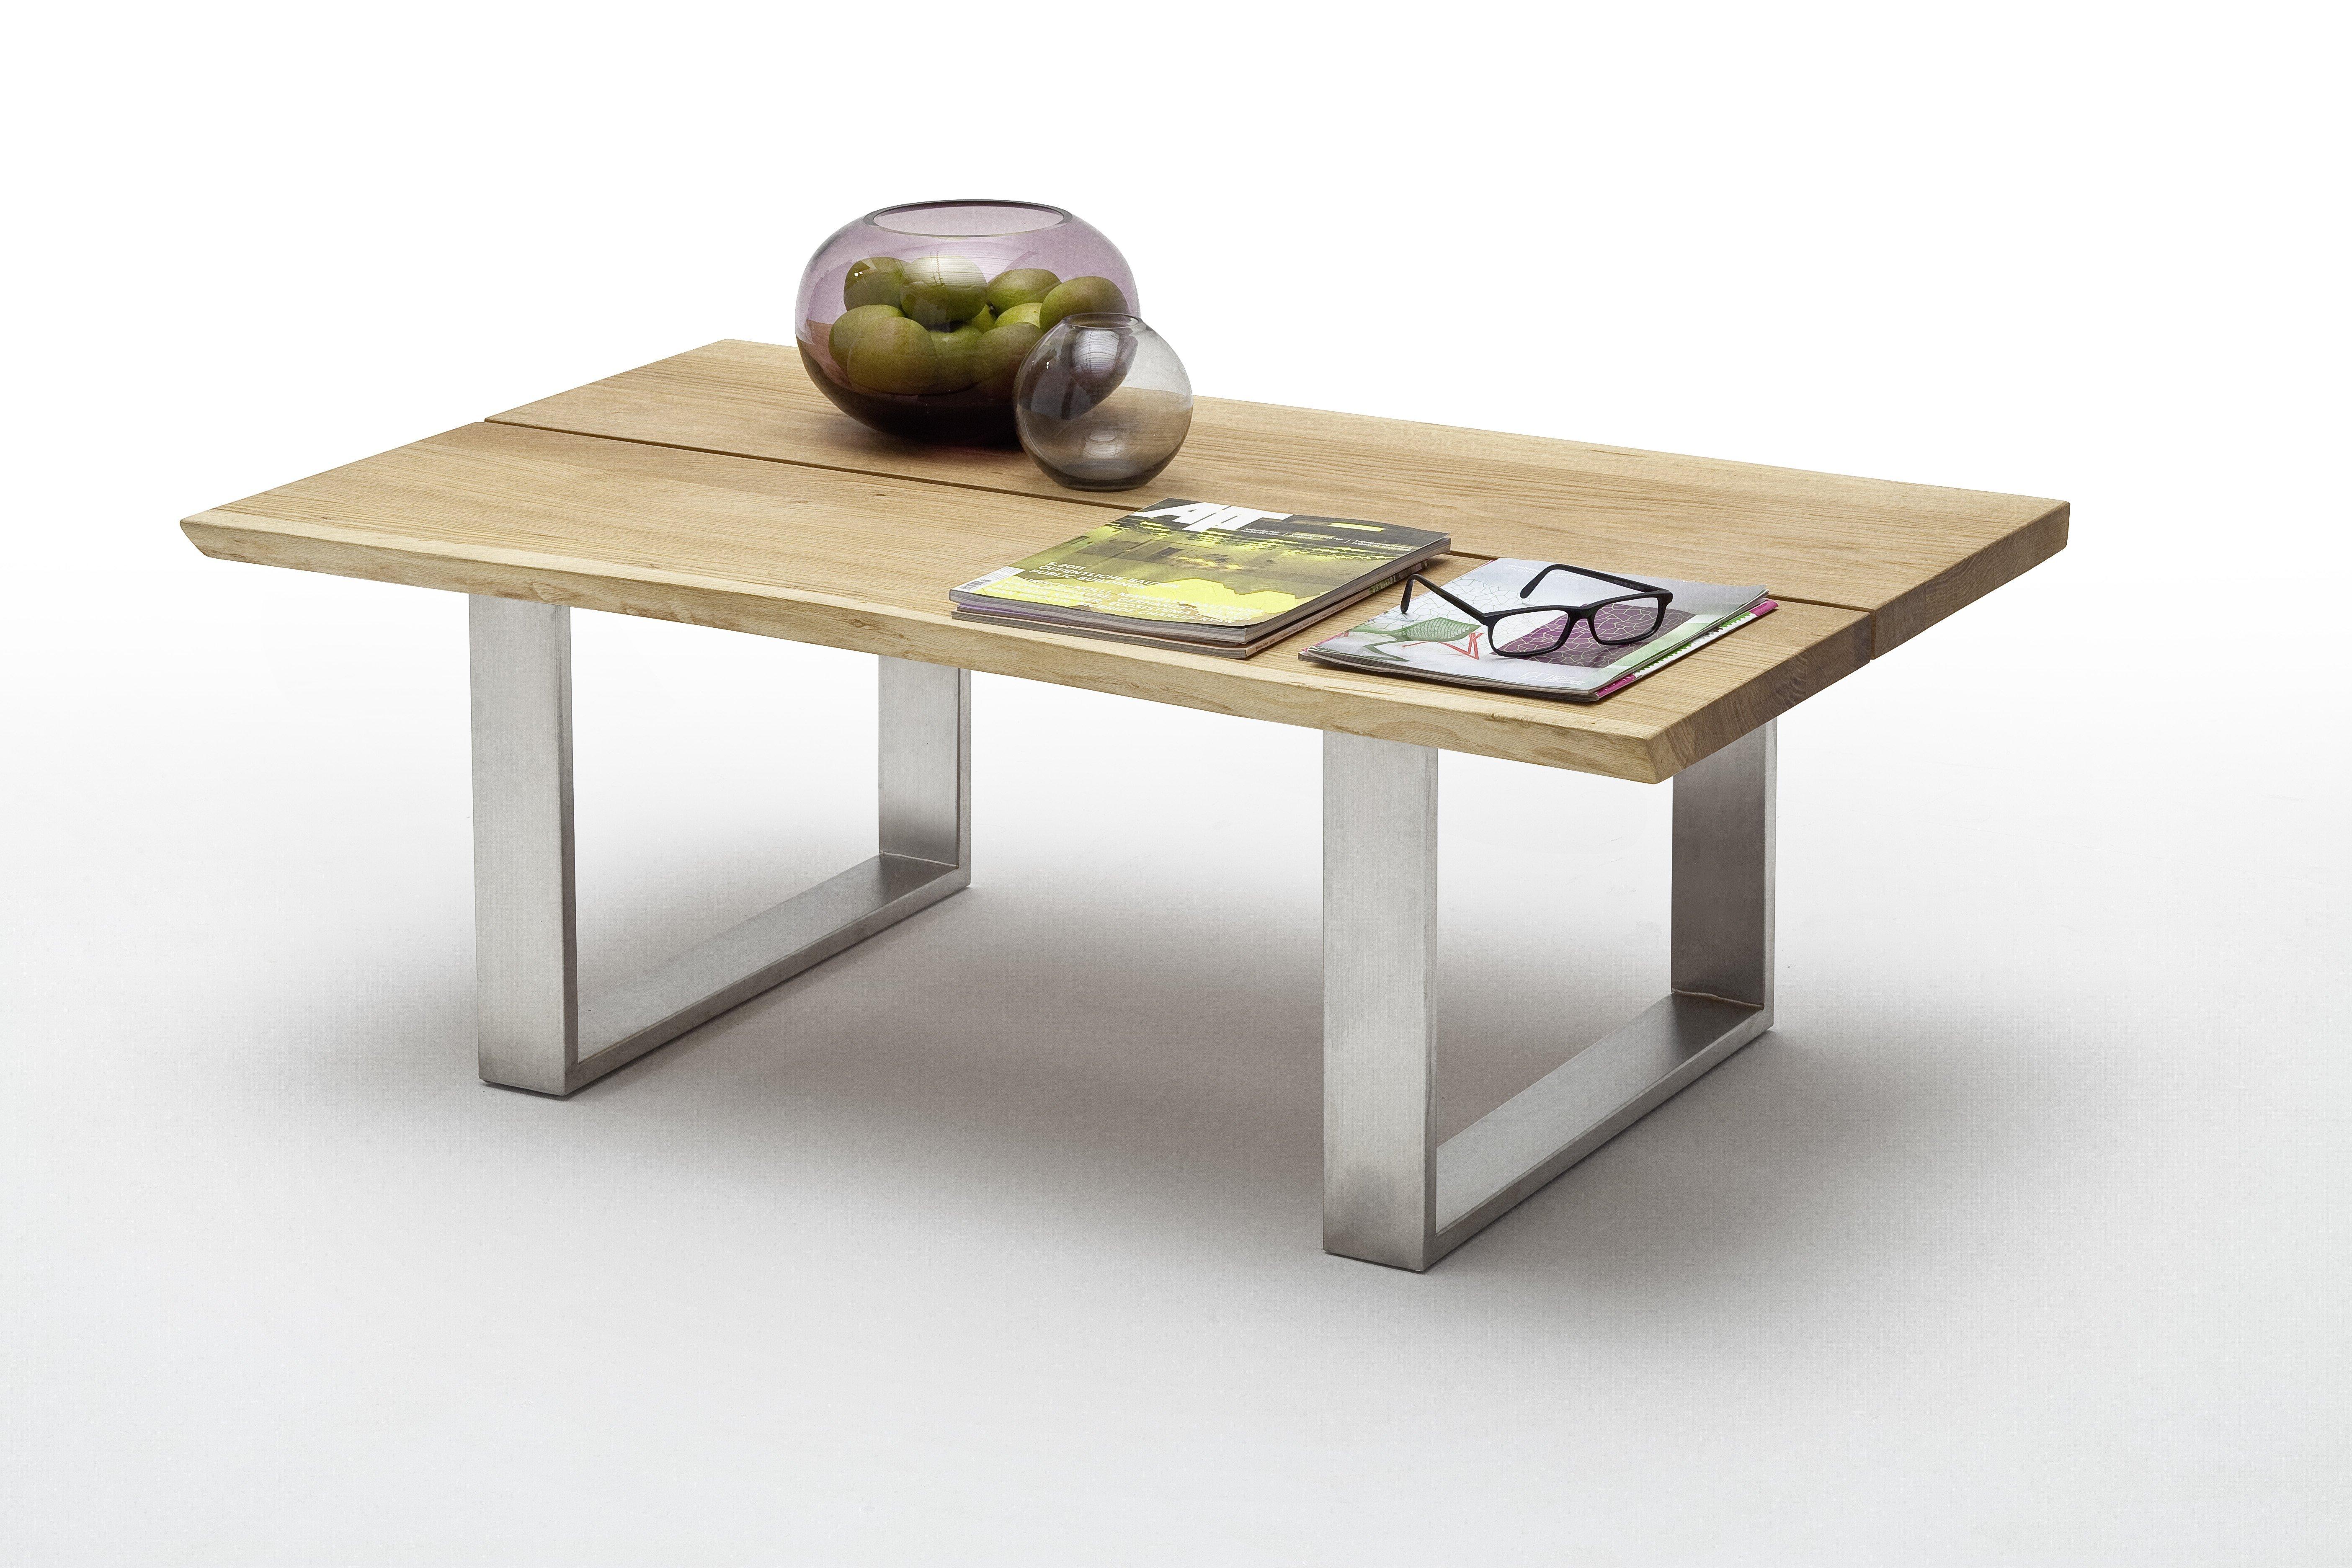 Couchtisch Sandro von MCA furniture